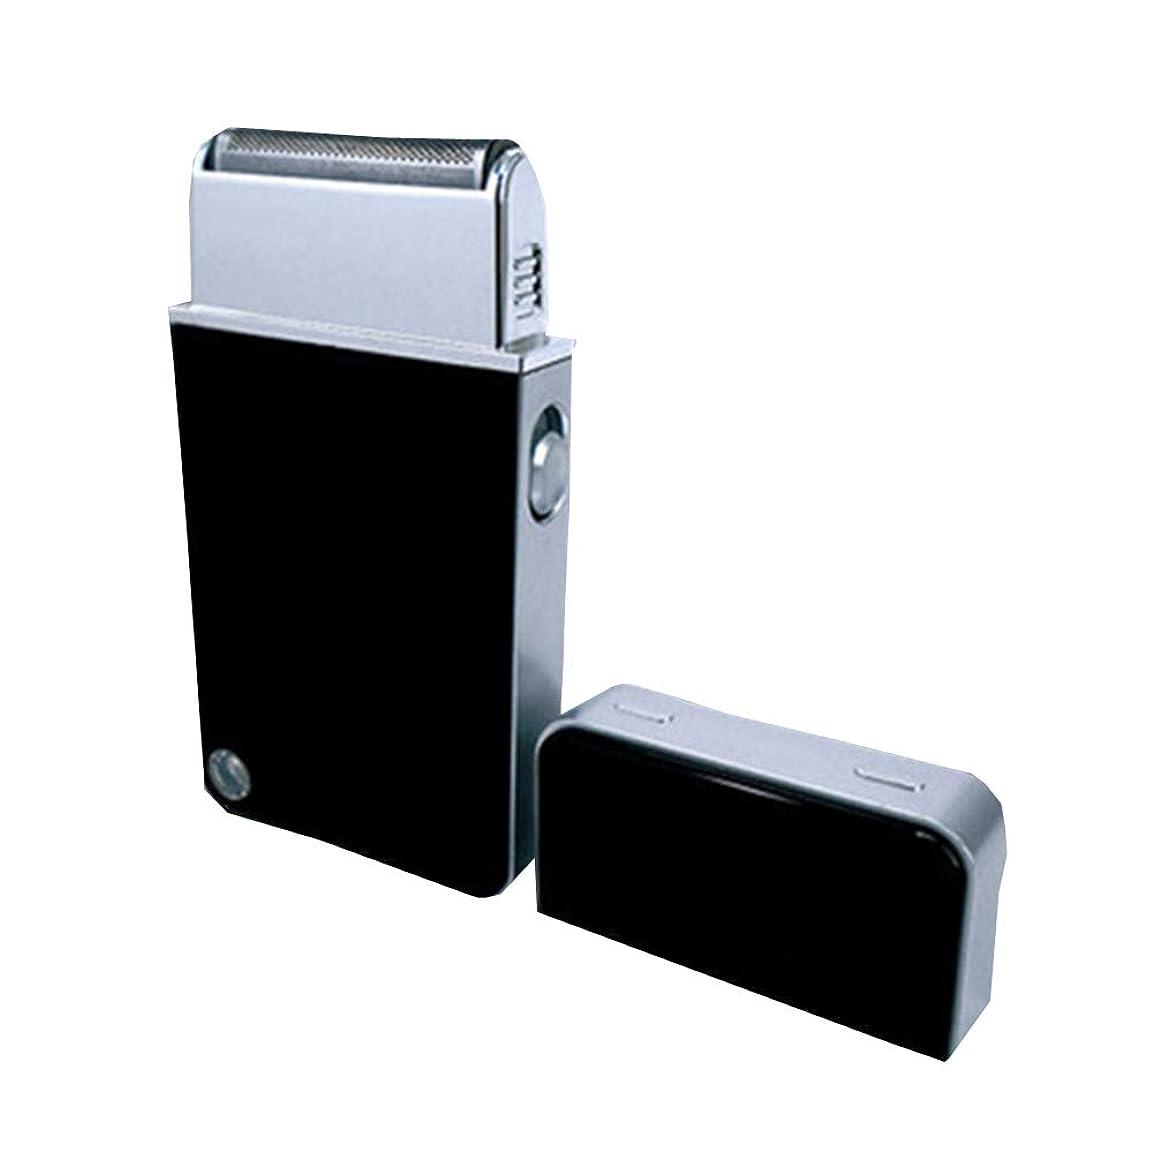 インストラクターカーテン成熟したメンズシェーバー USB充電式 電気シェーバー ひげ剃り コンパクト 携帯用シェーバー 旅行用 軽量 ギフトCSH004